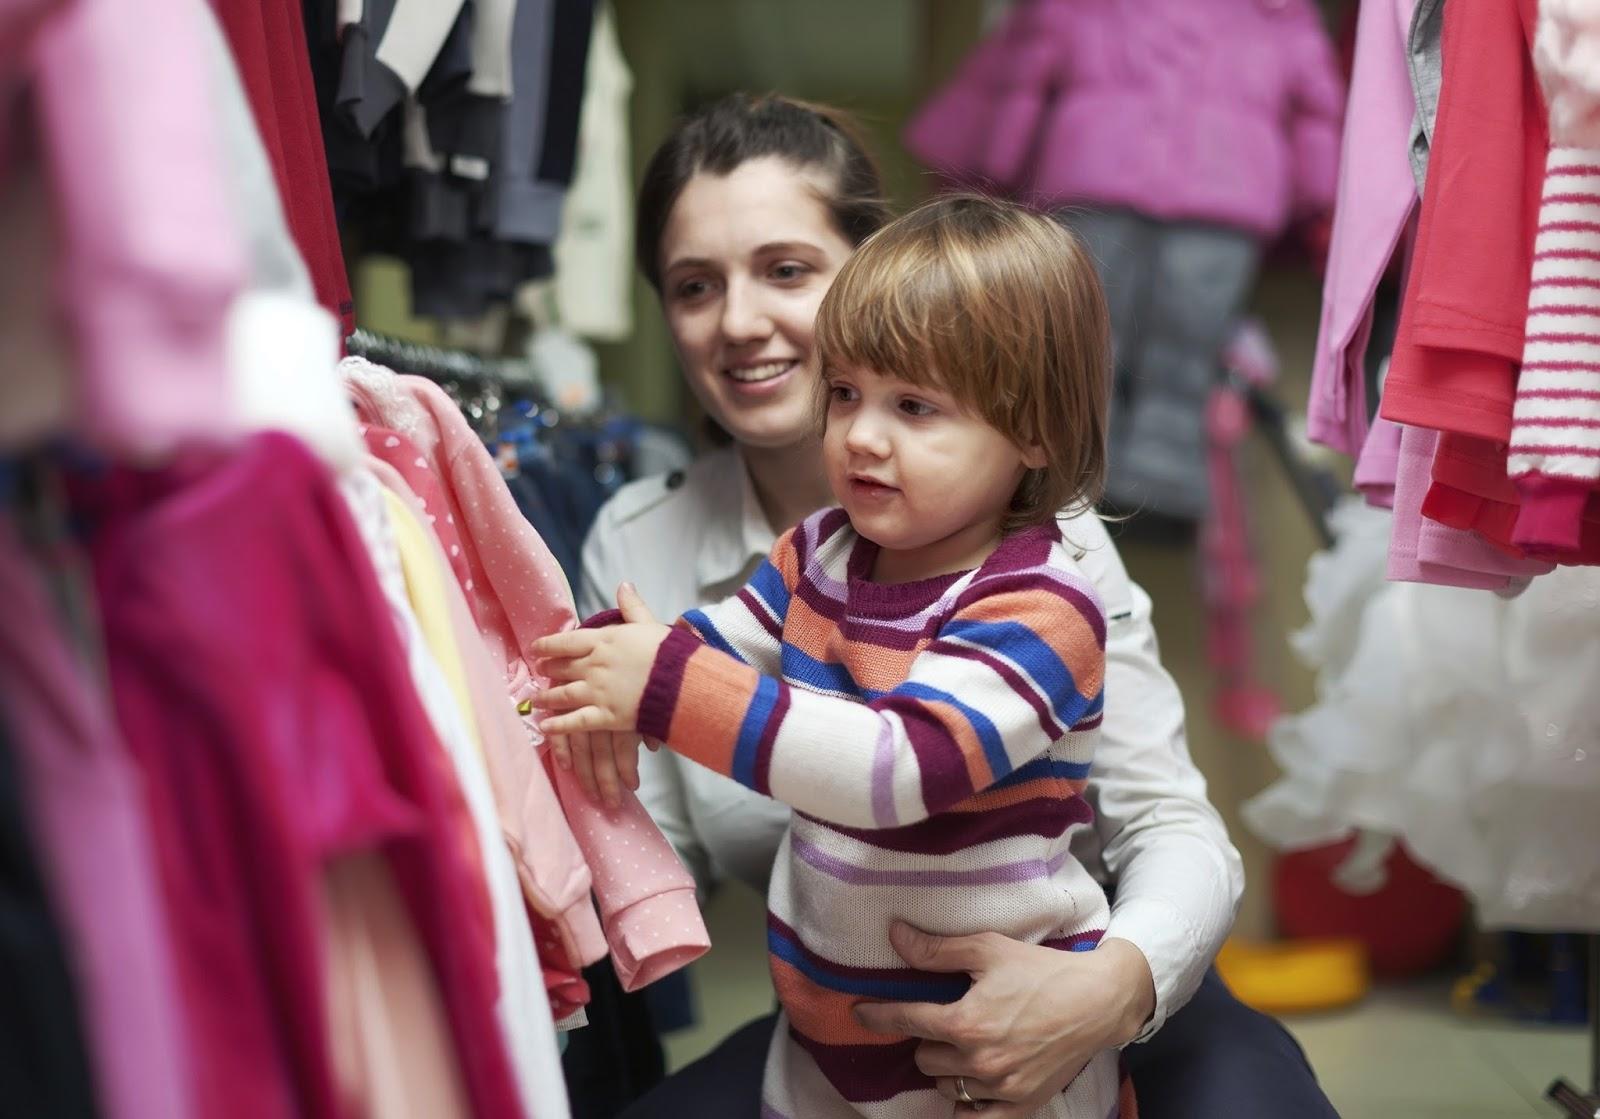 Buôn bán quần áo trẻ em có lãi không